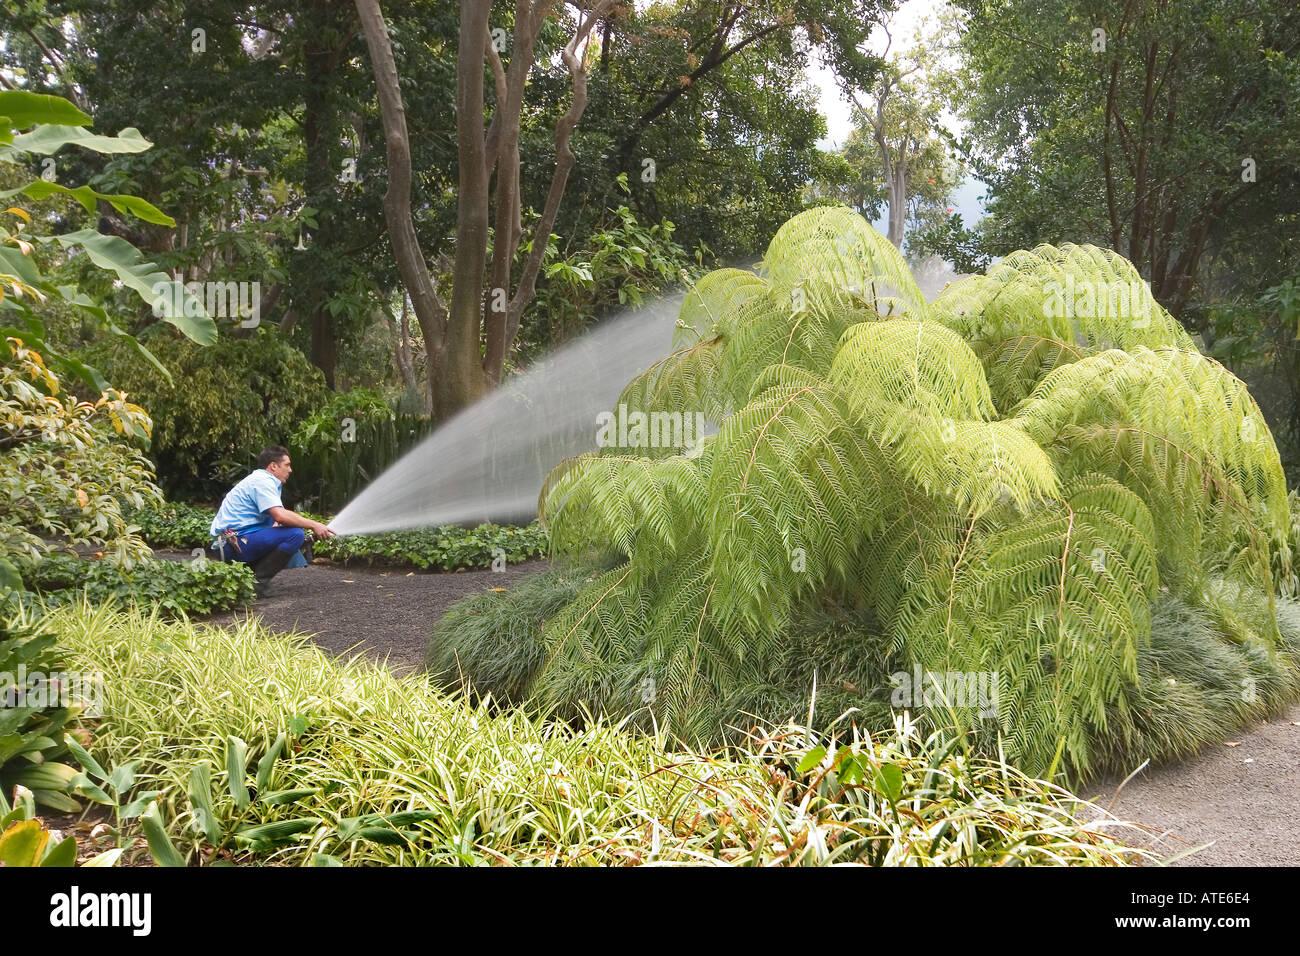 Gardener in the botanic gardens in Puerto de la Cruz Tenerife Canary Islands Spain - Stock Image